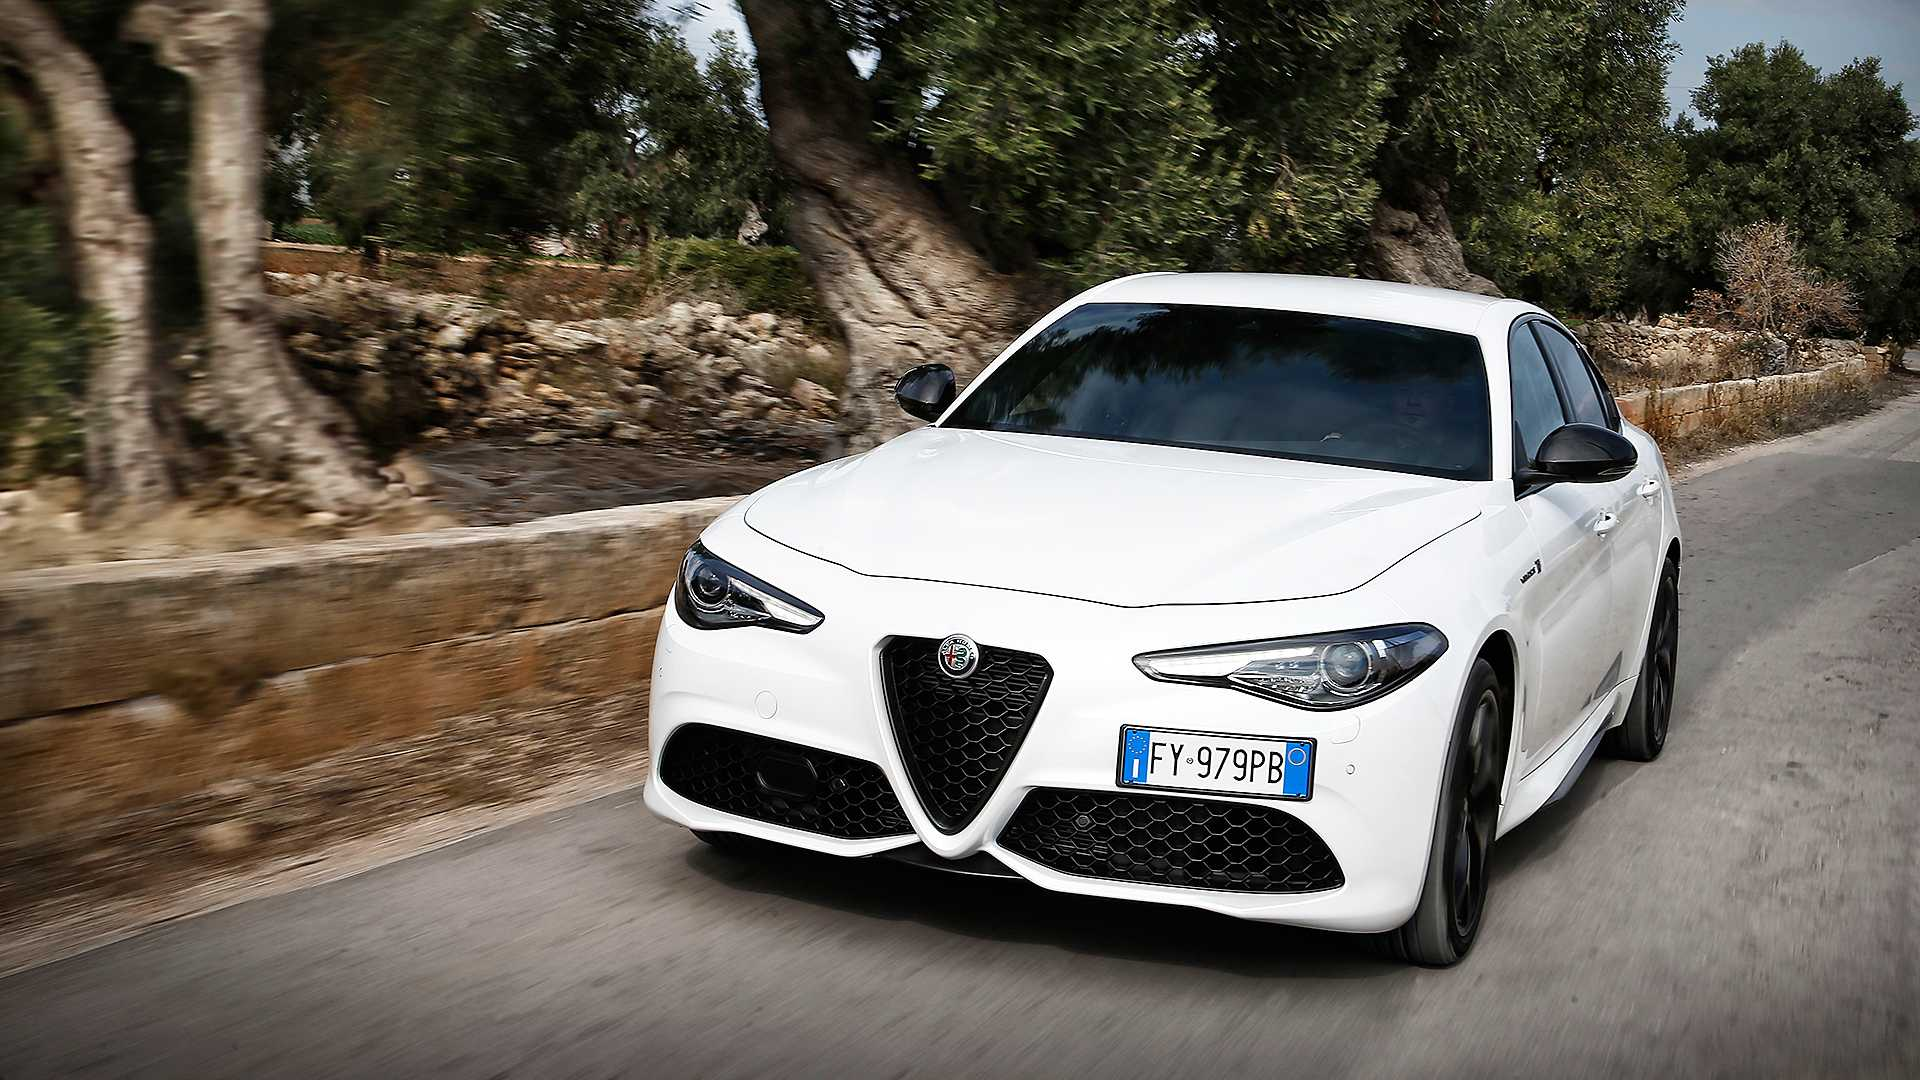 U novembru ubeležen veliki rast prodaje Porschea, Tesle, ali i Alfe Romeo u Nemačkoj